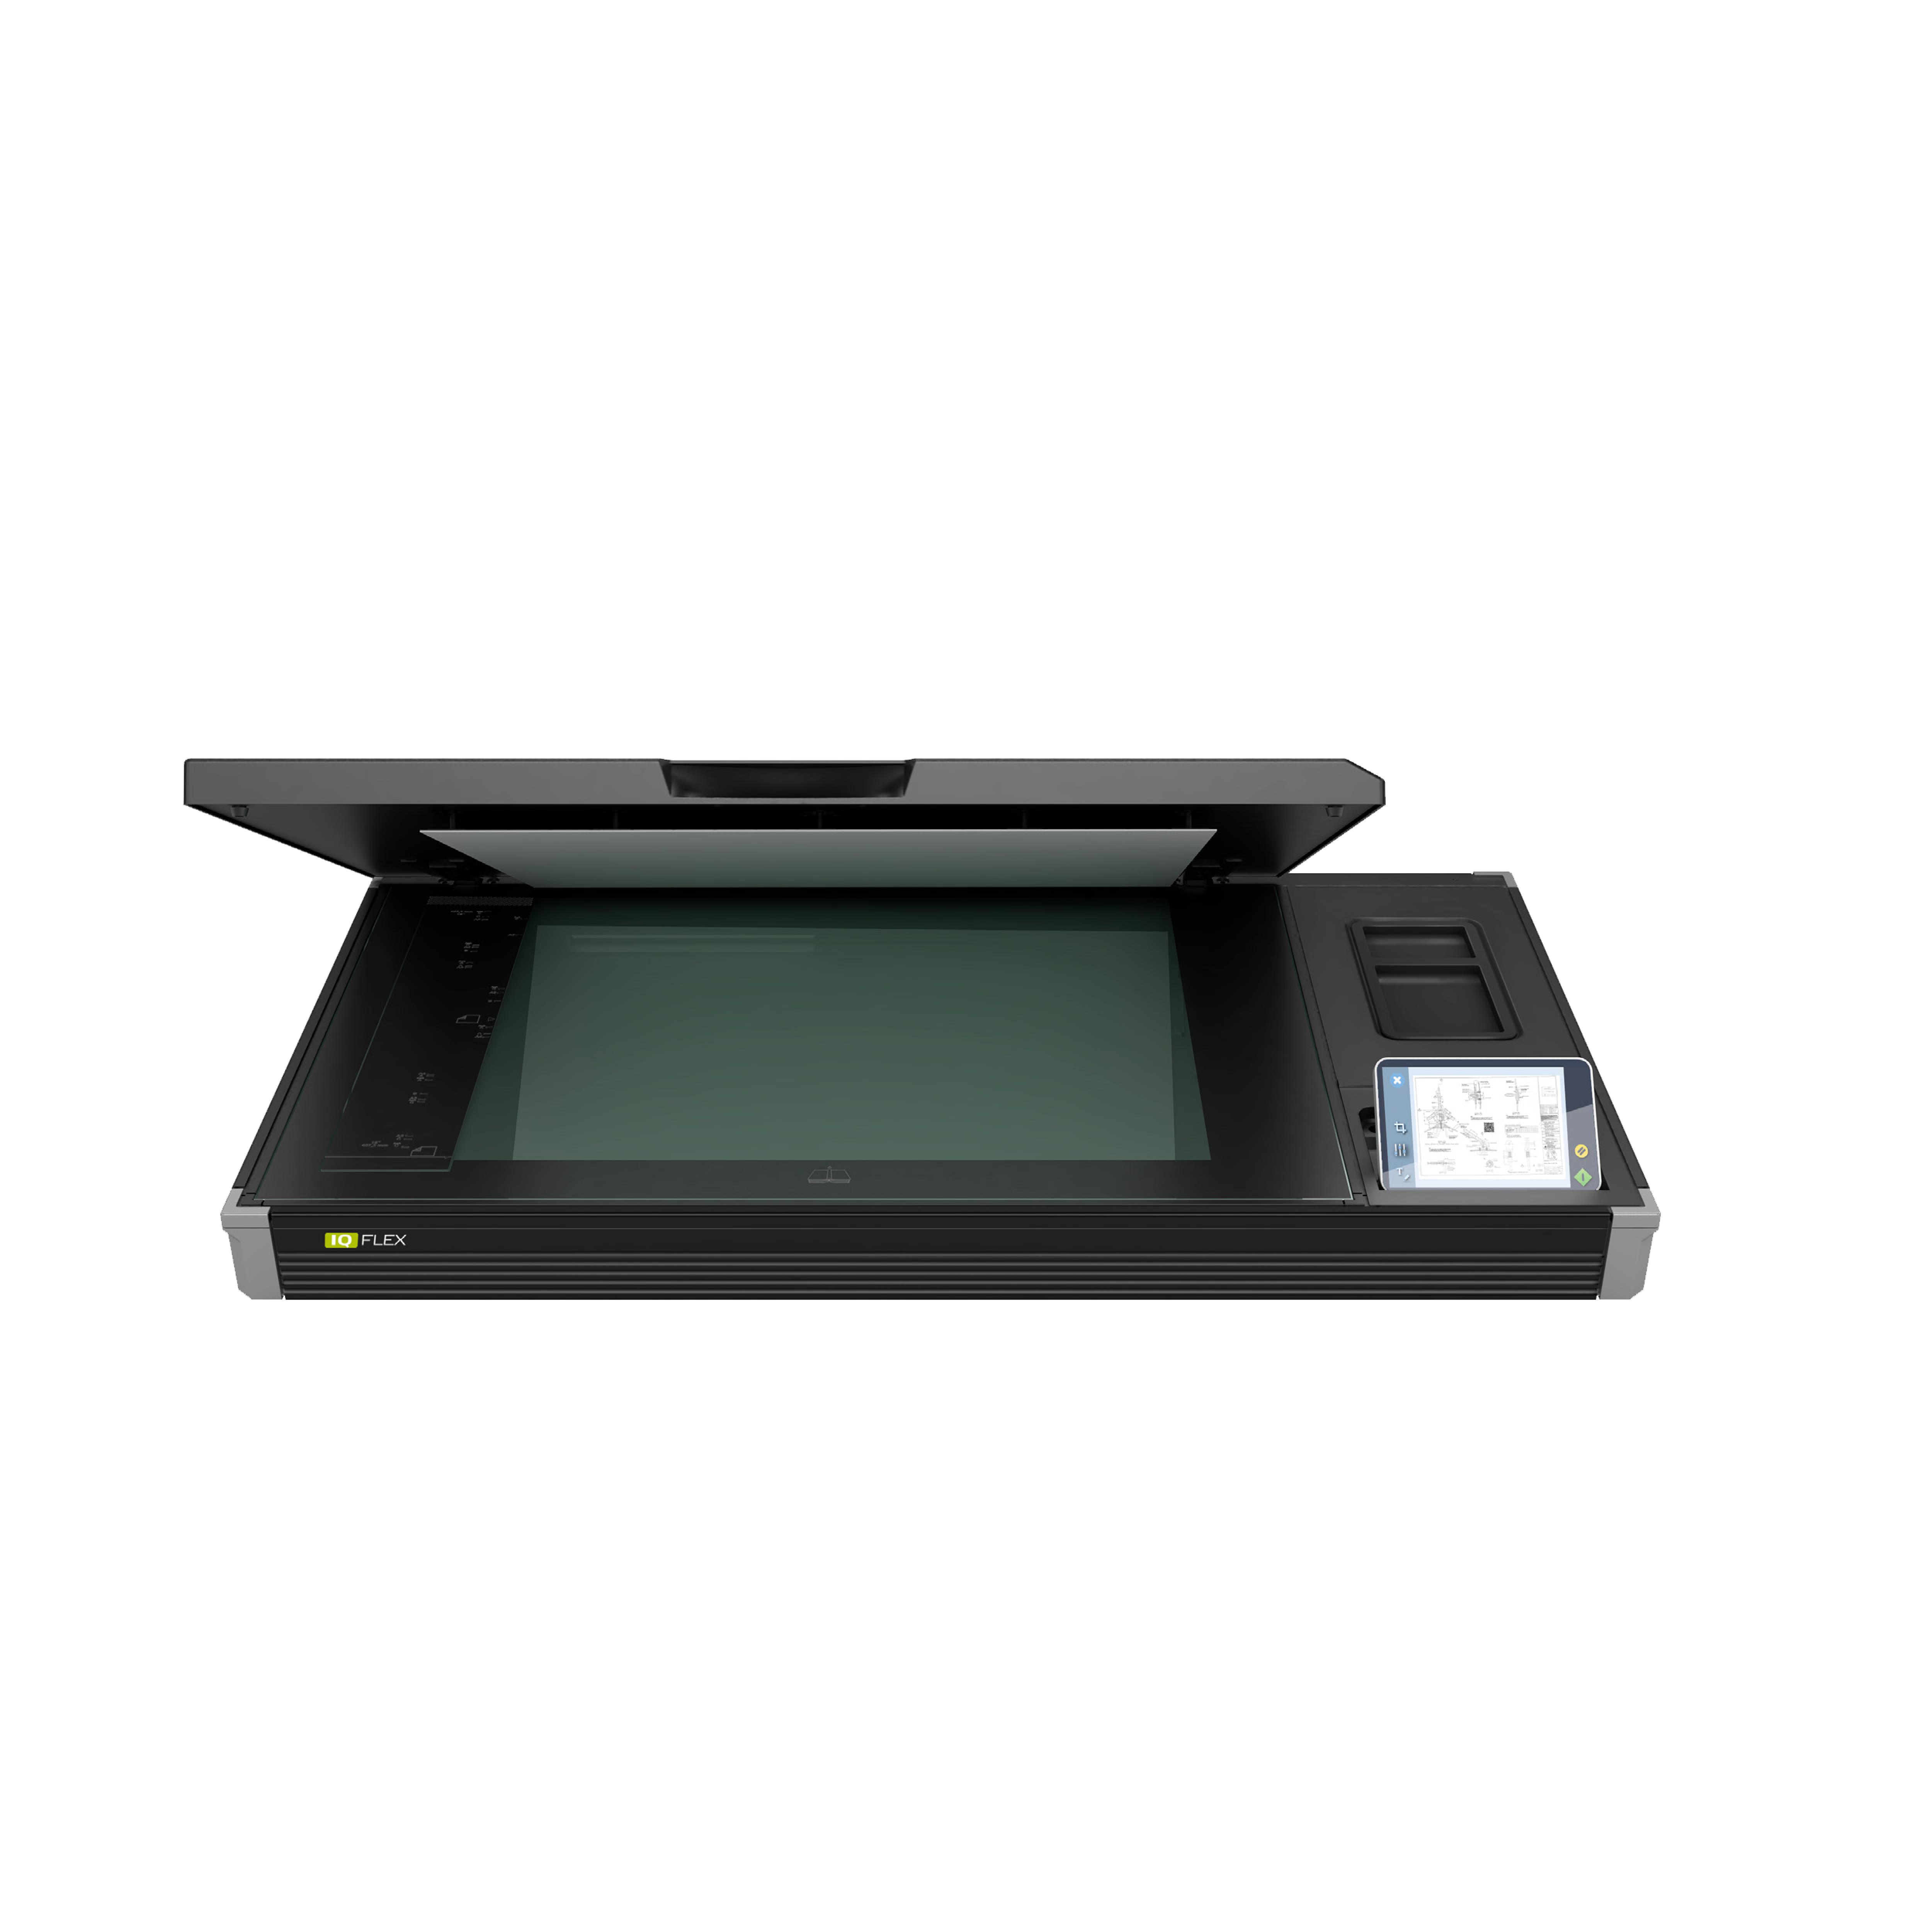 Máy Scan Khổ Lớn Contex IQ FLEX Khổ A2 (cho phép ghép file thành A1) hàng chính hãng